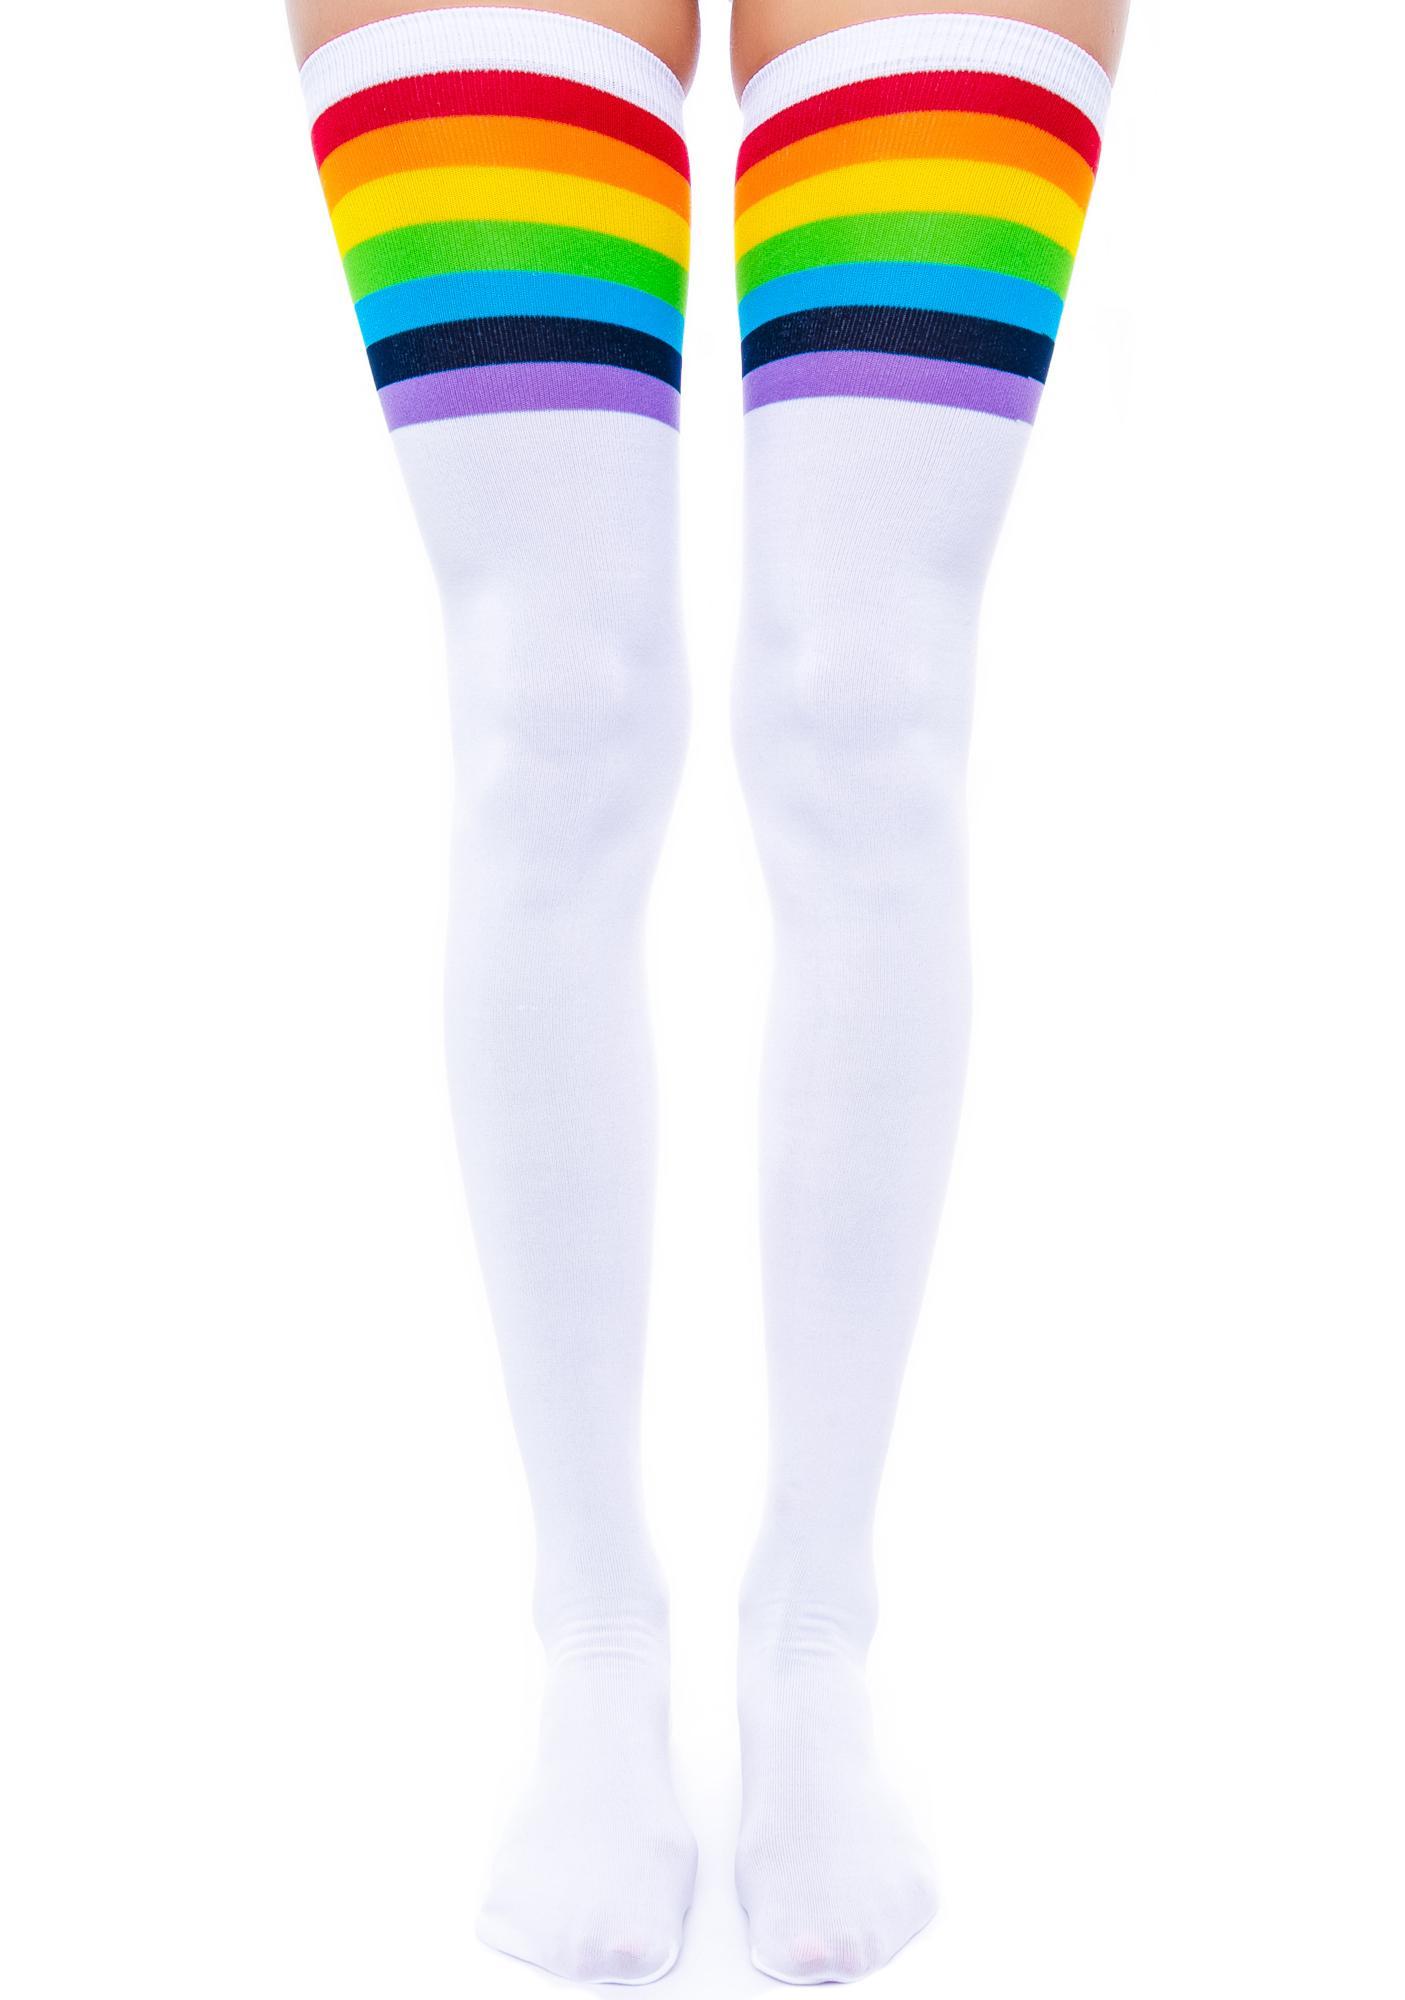 Over the Rainbow Knee Socks